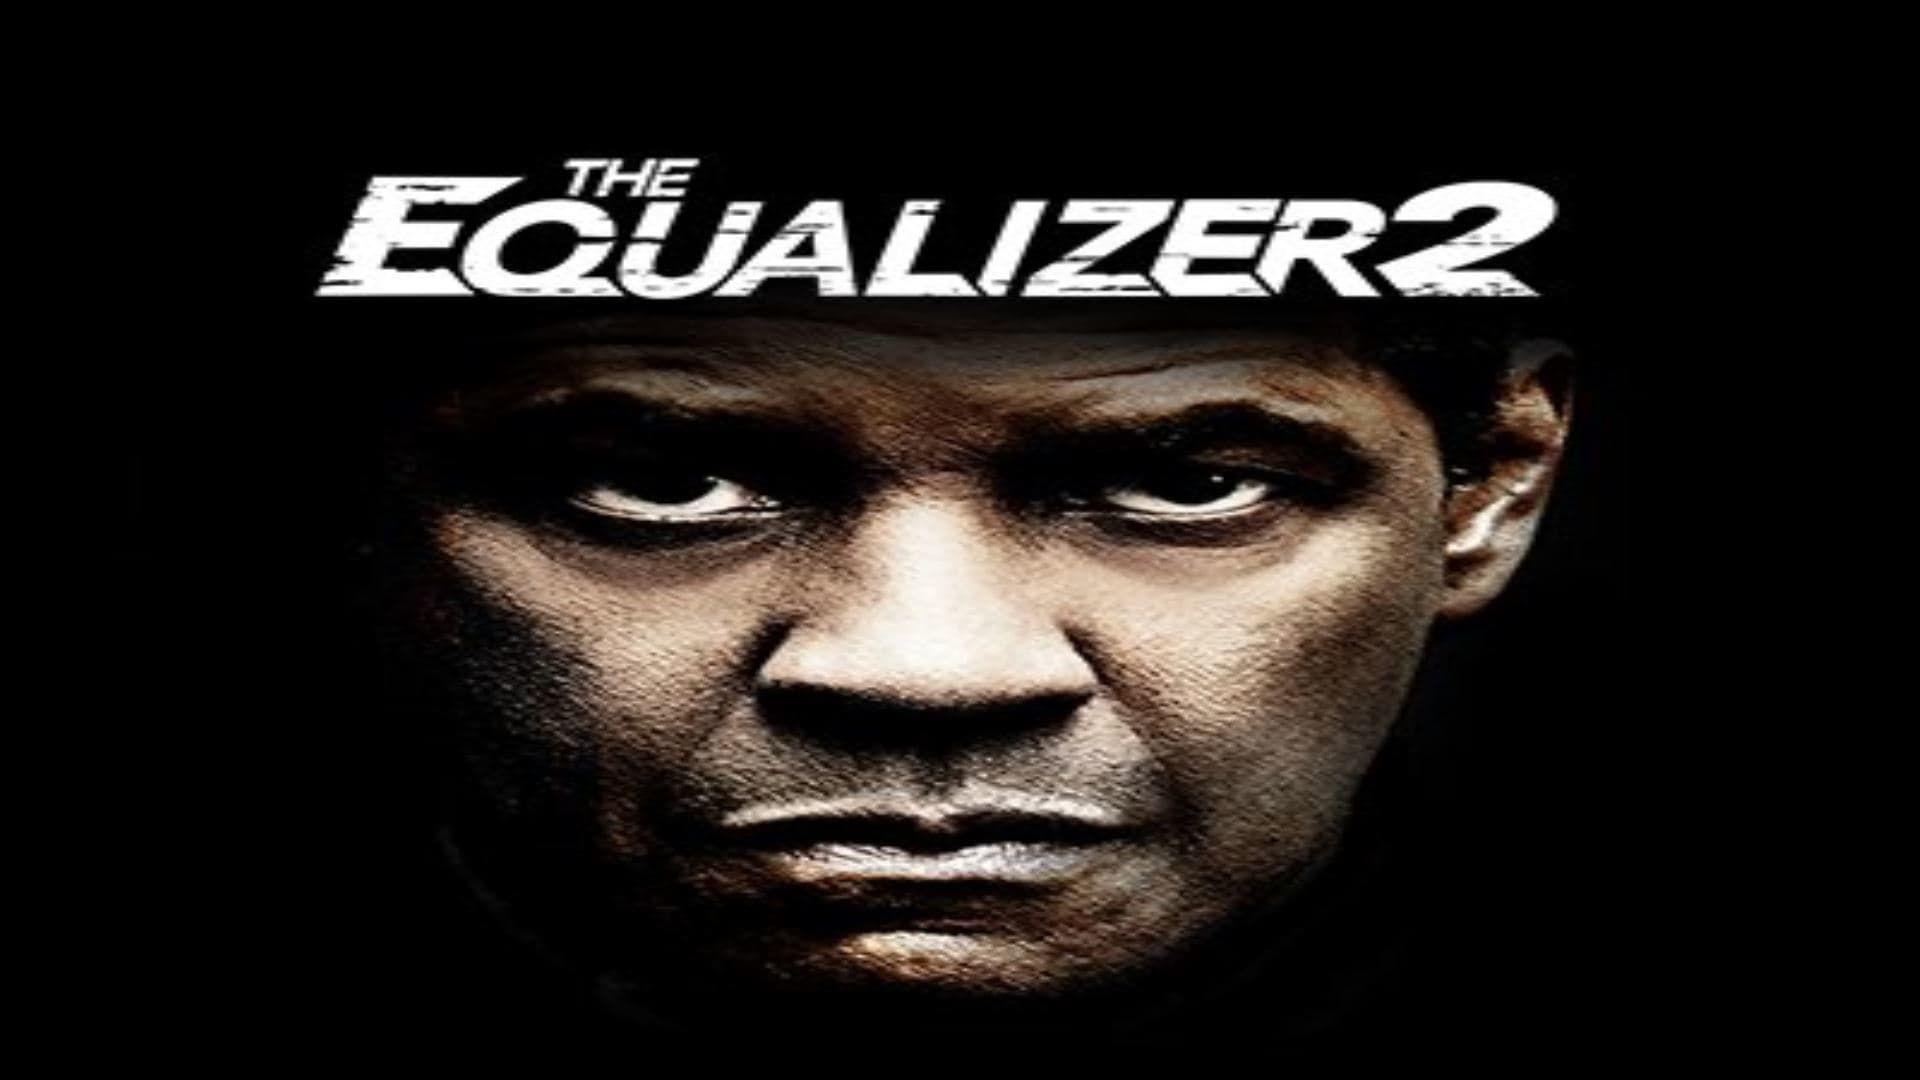 Sehen The Equalizer 2 2018 Ganzer Film Deutsch Komplett Kino The Equalizer 2 2018complete Film Deutsch Free Movies Online Full Movies Online Free Movies Online